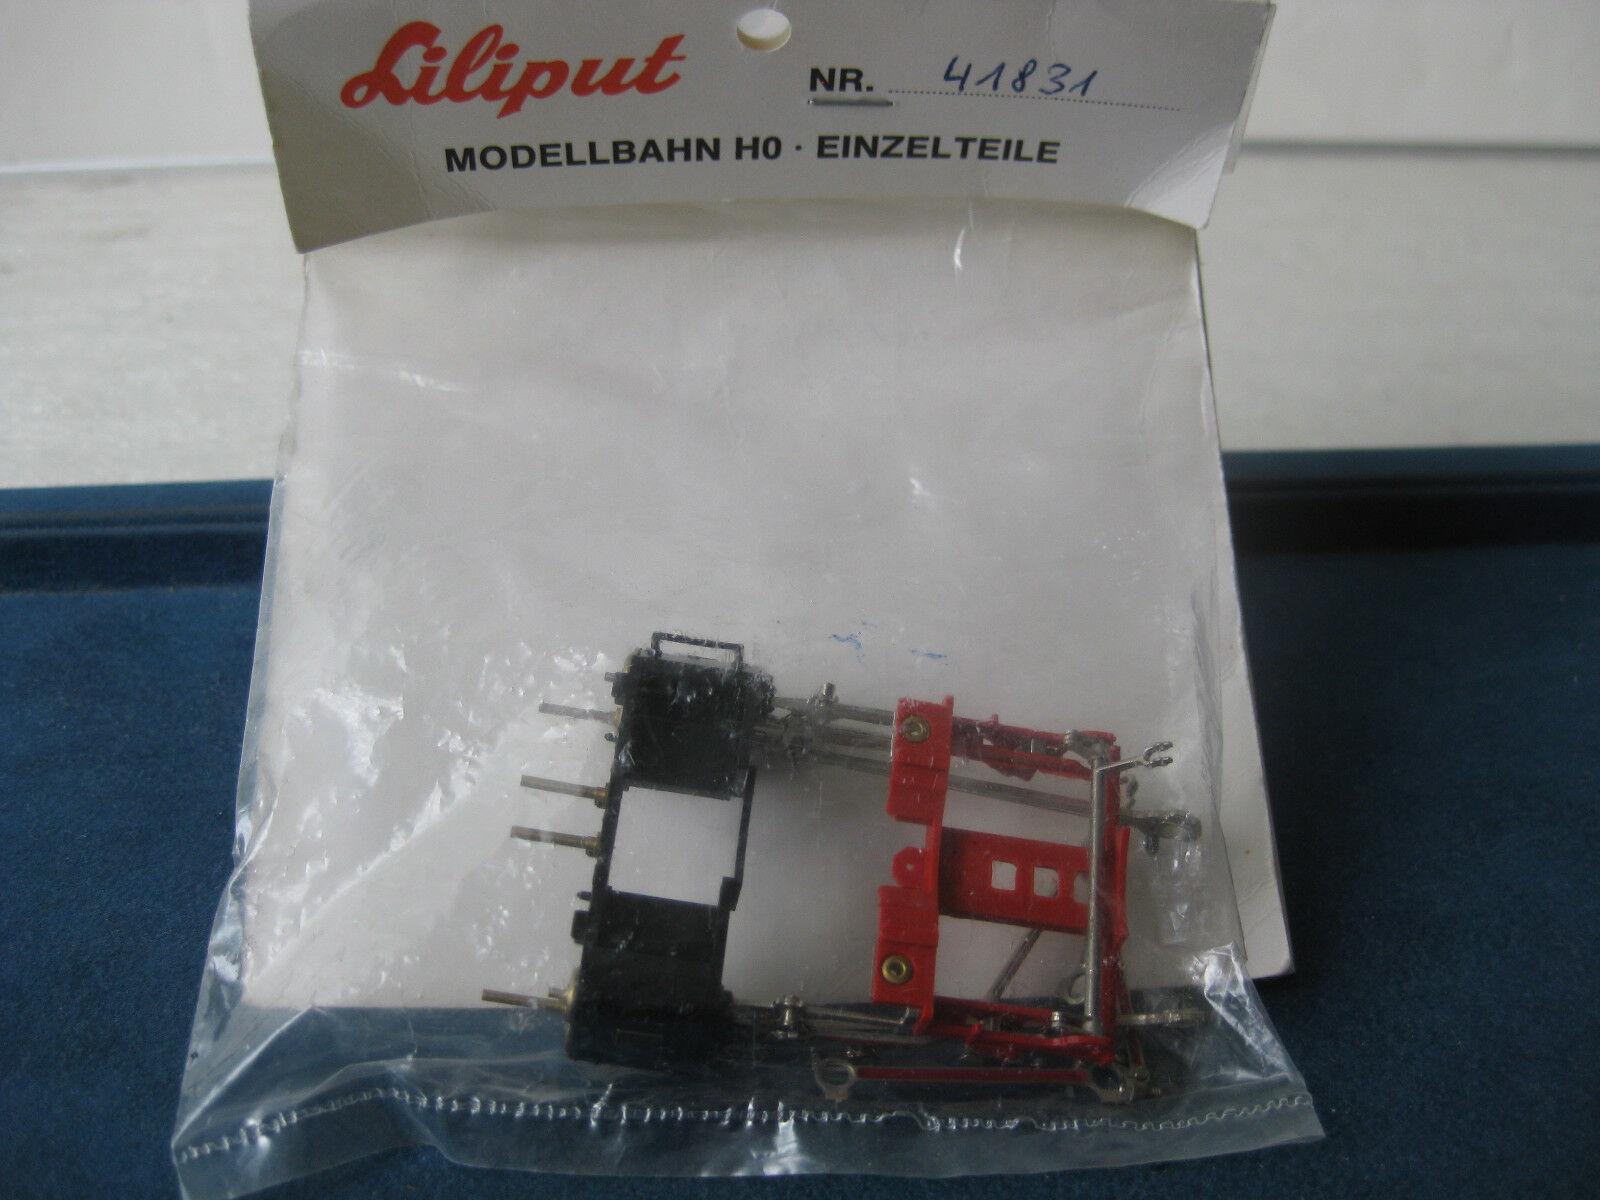 Liliput   41831 controllo CILINDRO BLOCCO COMPLETO BR 18.4 s3 6 NUOVO